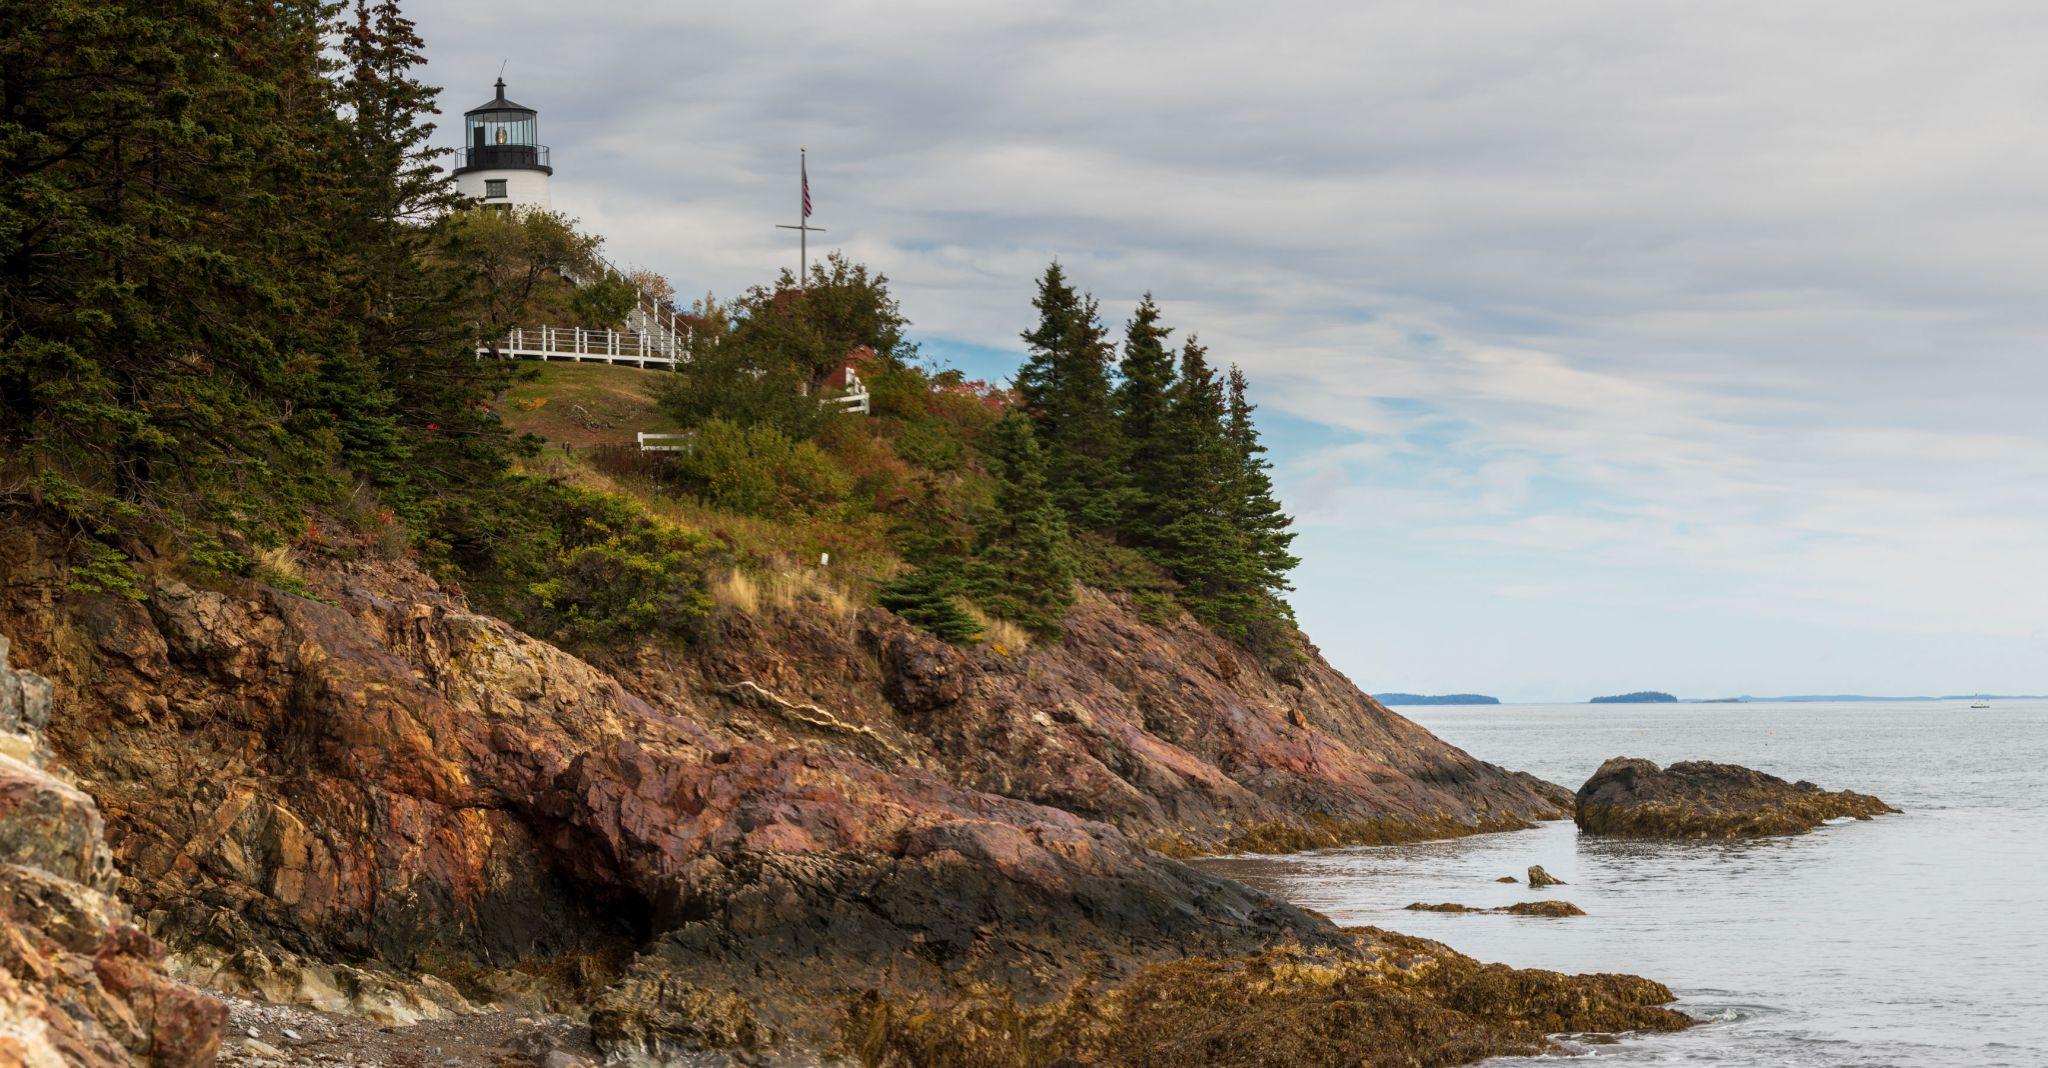 Owls Head Lighthouse from the Beach, Maine, USA